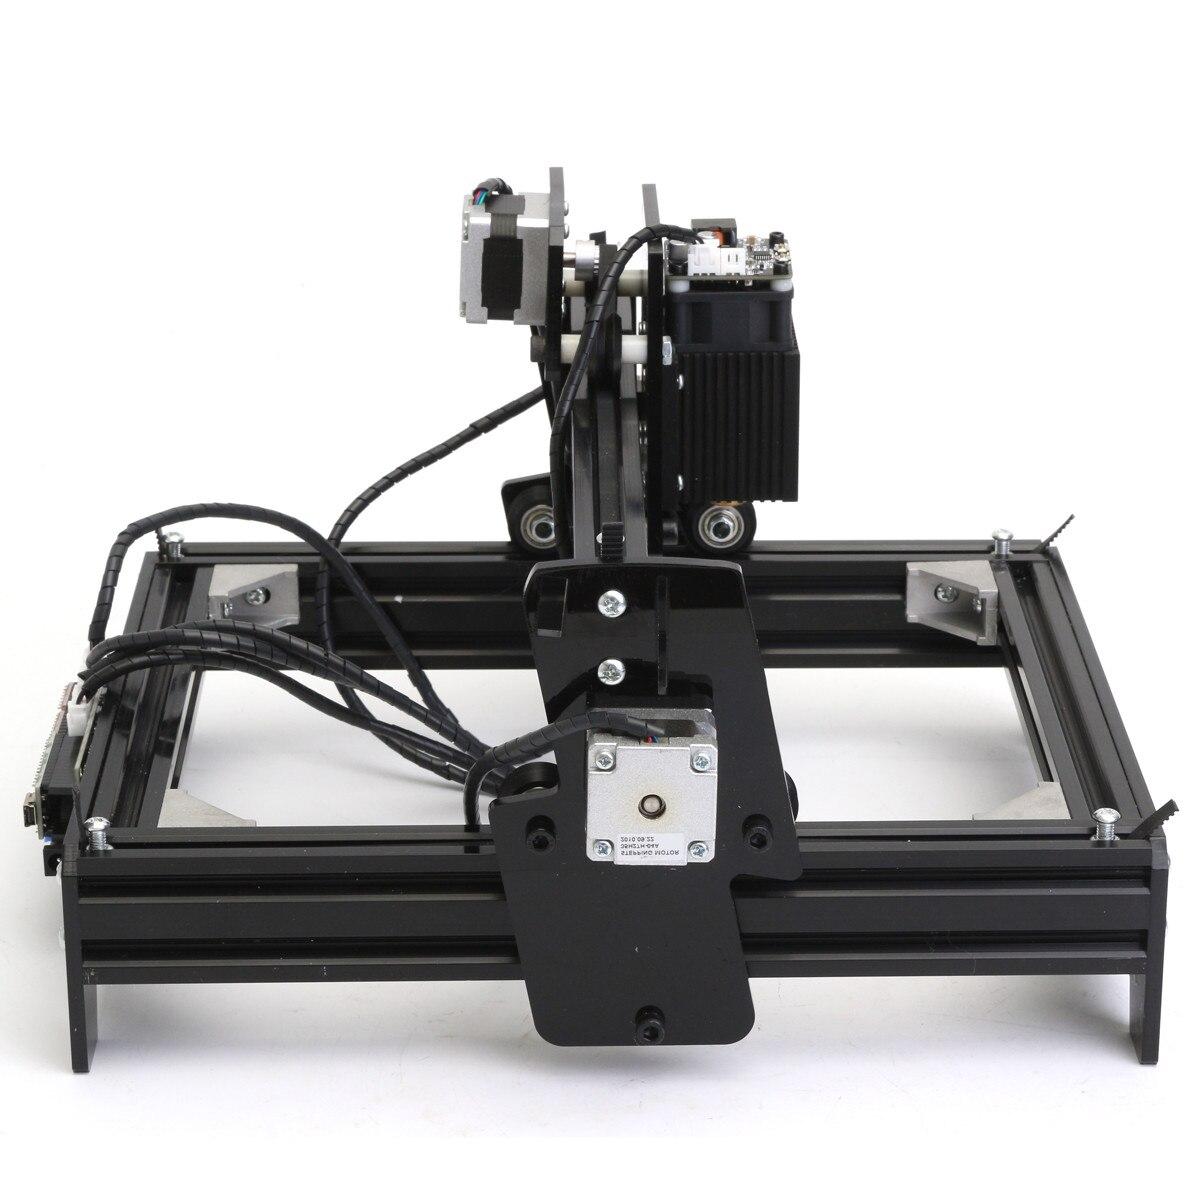 12 w 12000 mW 12 v bricolage CNC graveur Laser USB métal pierre gravure Machine bureau bois routeur/Cutter/imprimante pour Windows 7/8/10 - 2